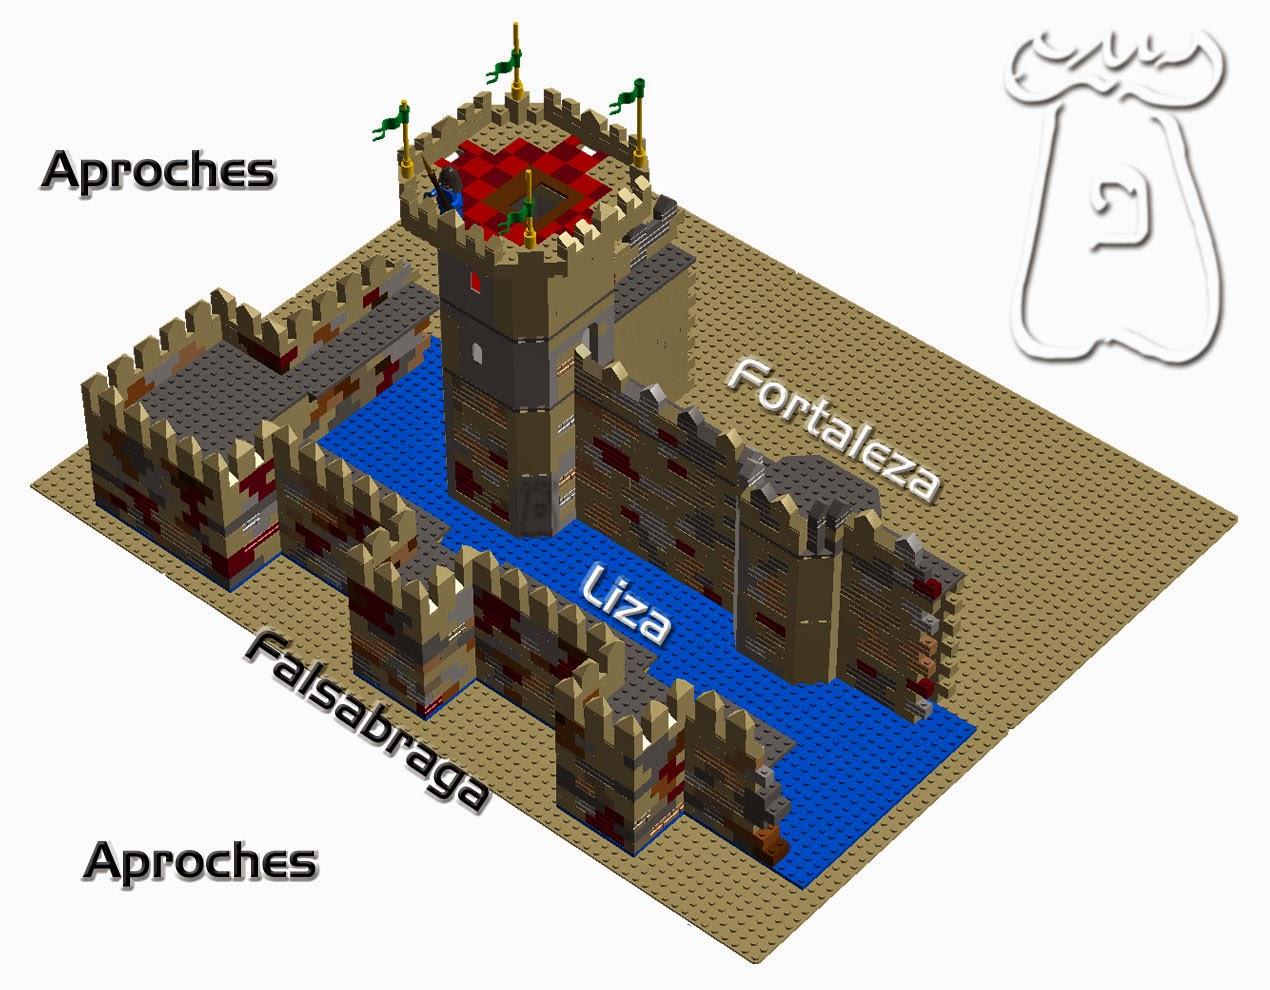 Ejemplo 1: En azul se muestra la liza, terreno comprendido entre la falsabraga y los paños del núcleo de la fortaleza